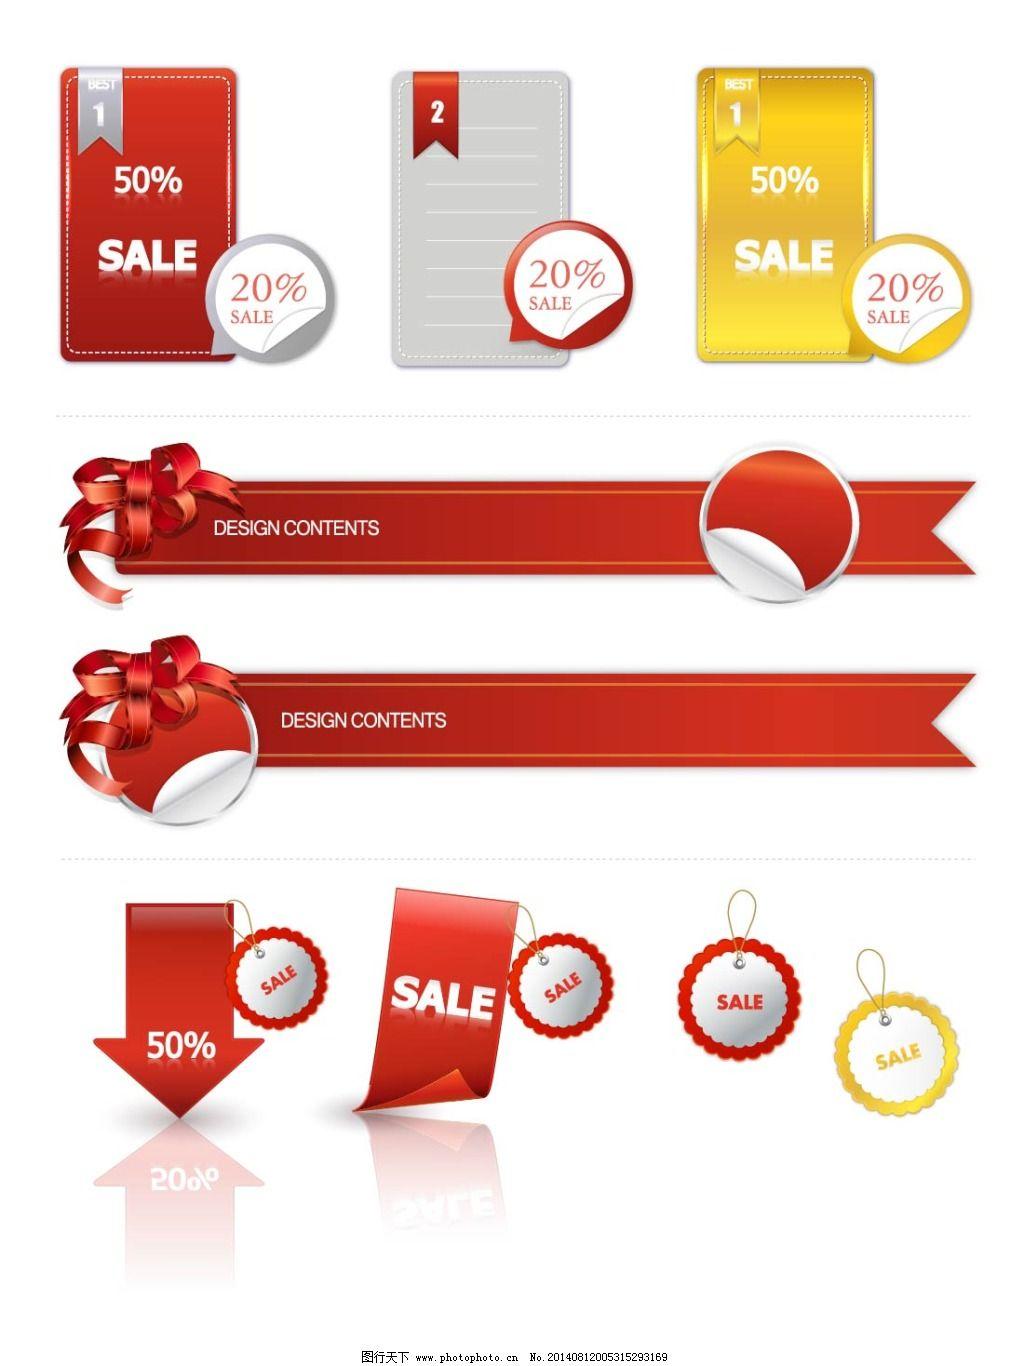 红色丝带 节日标签 红色丝带 促销标签 节日标签 矢量图 广告设计